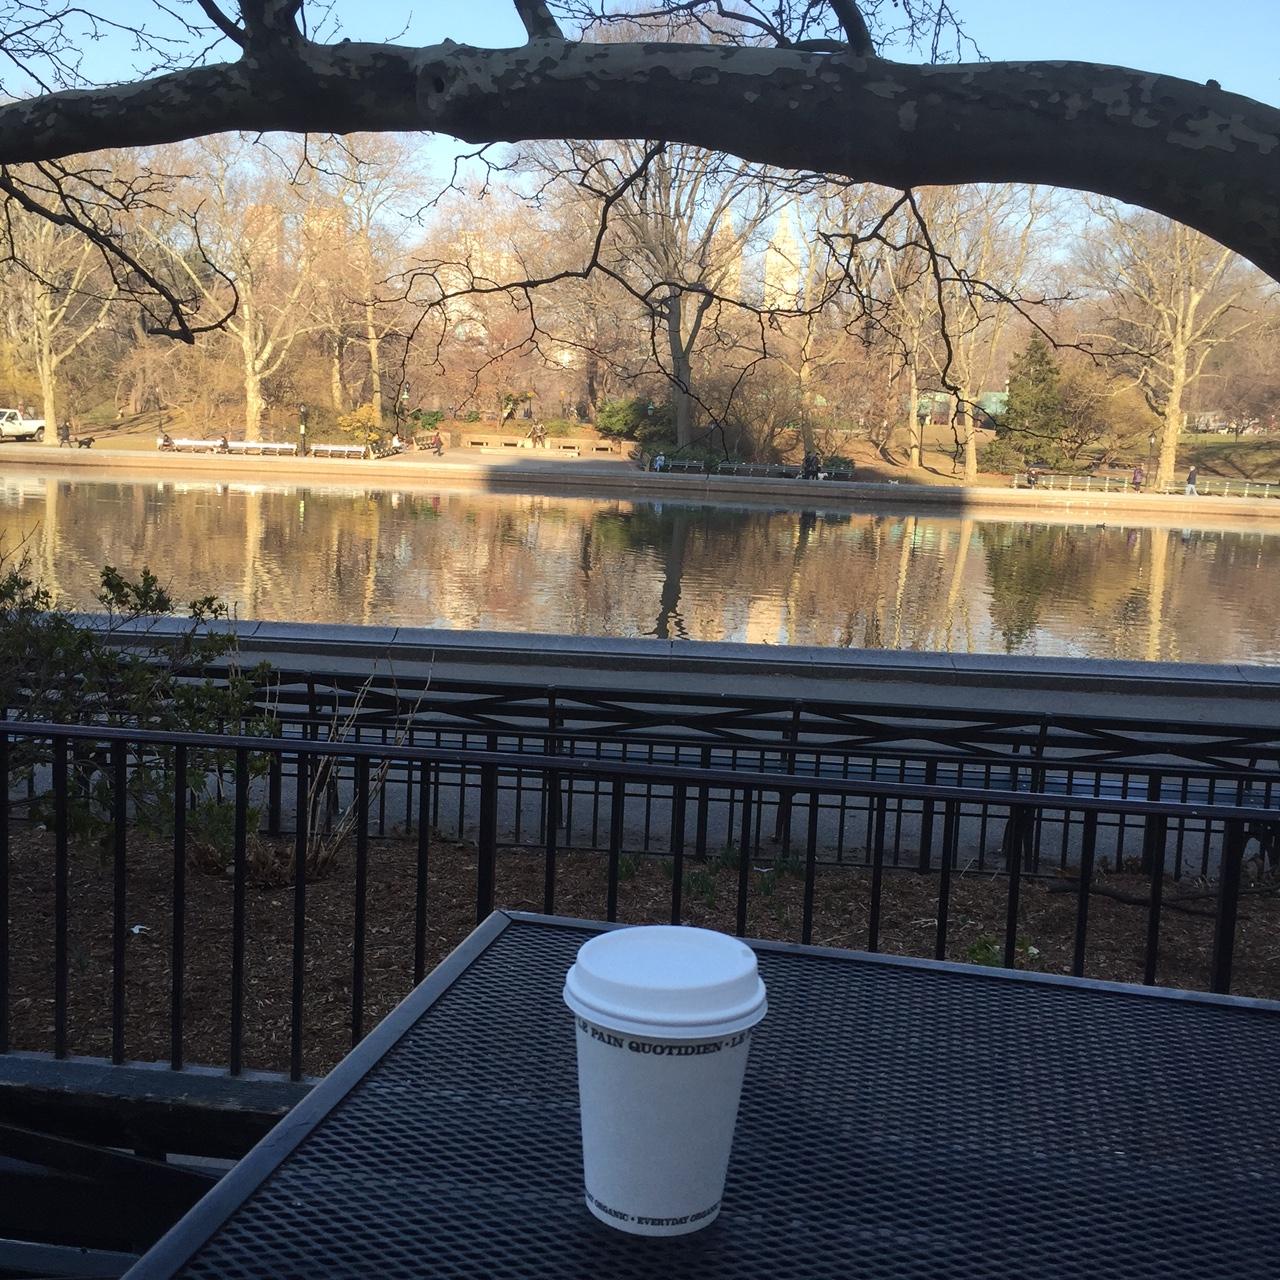 Sailboat Pond/Central Park